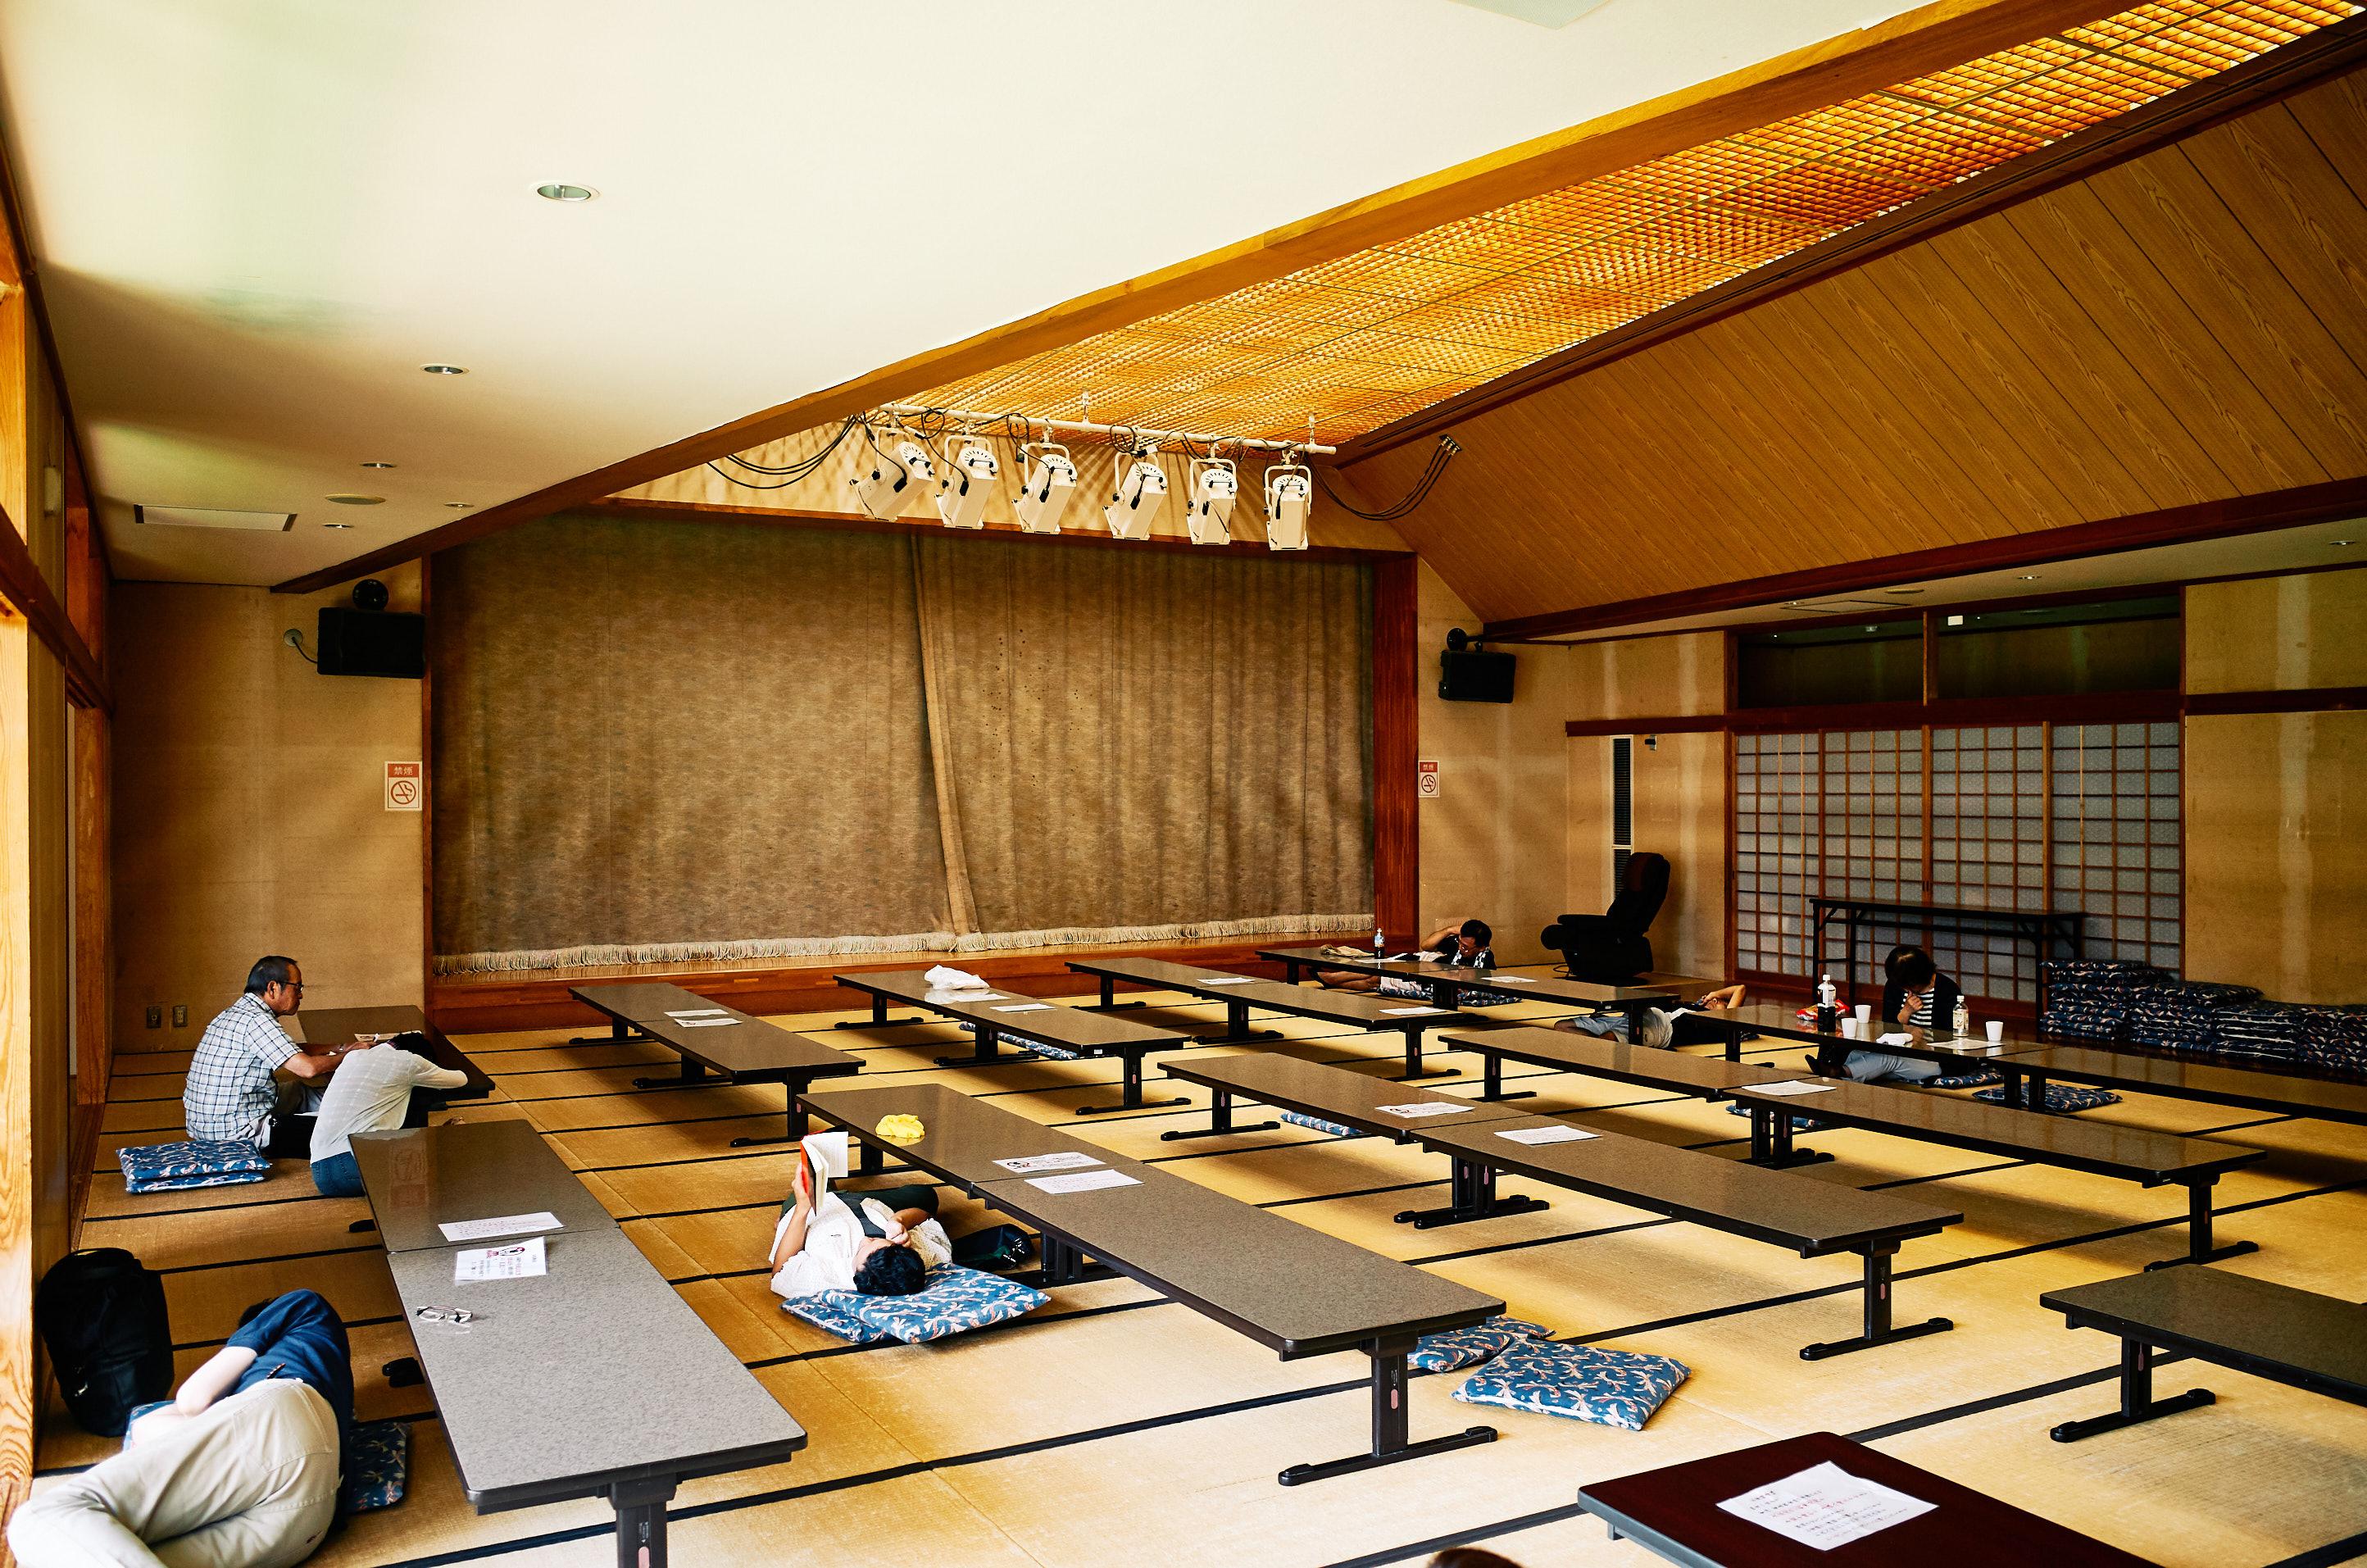 yamabikonoyu onsen stadium